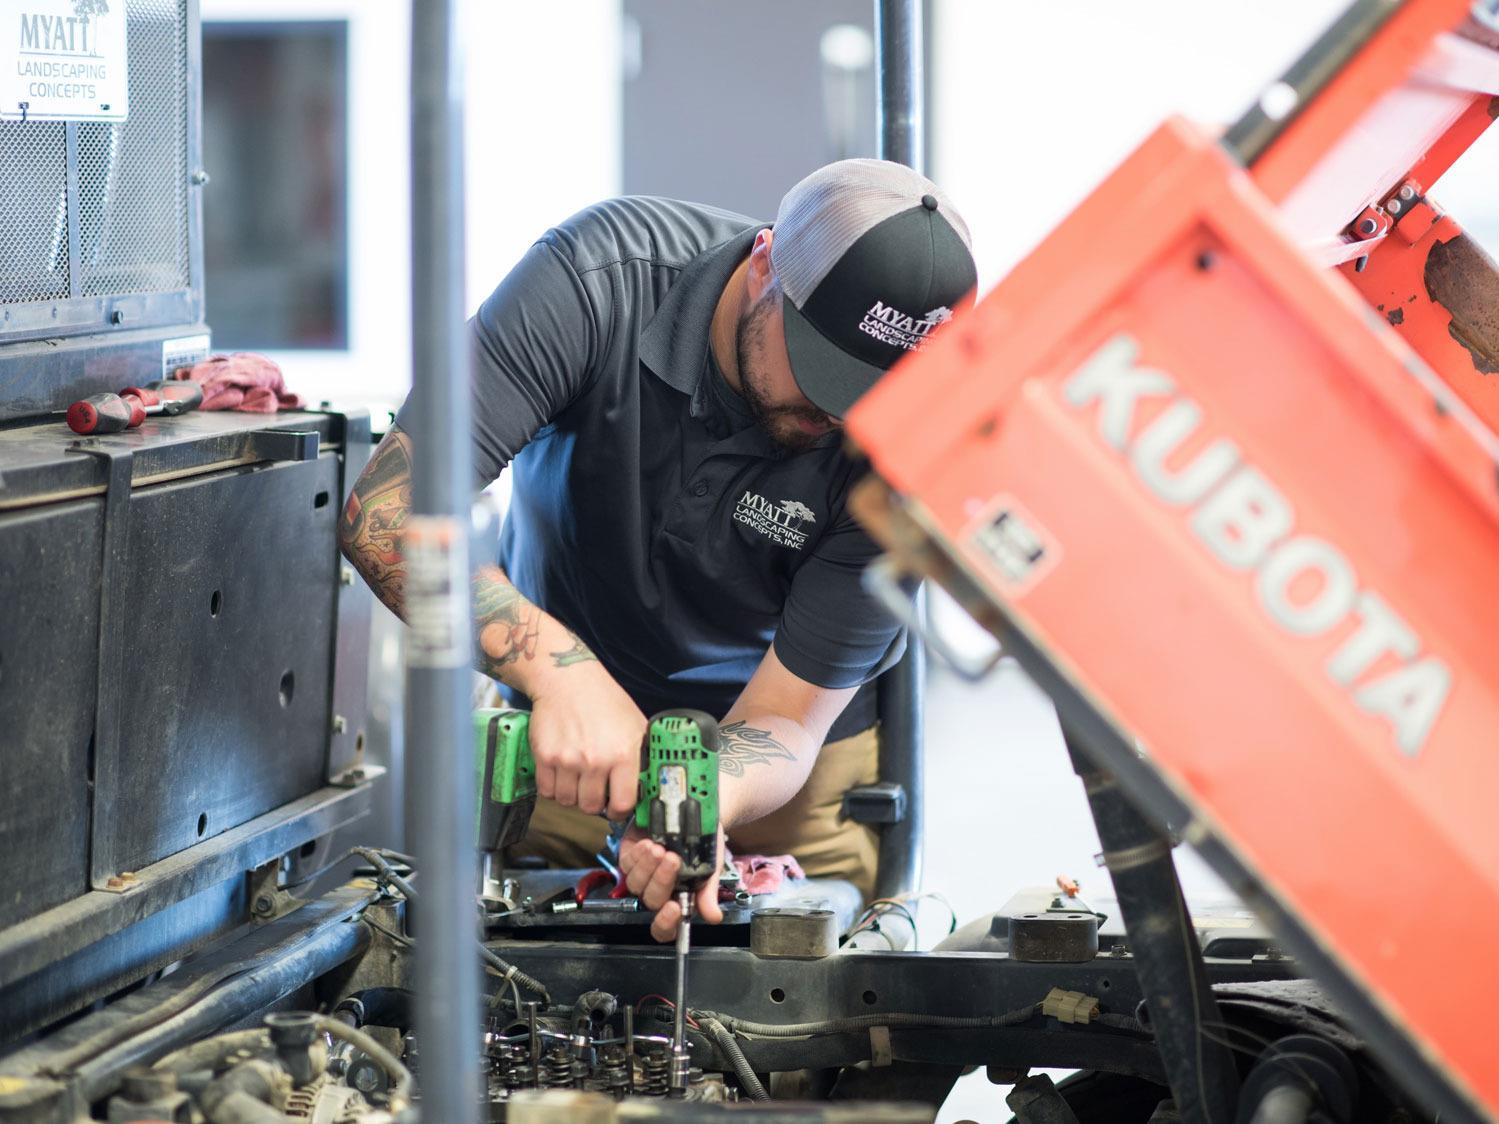 Myatt Mechanic Working